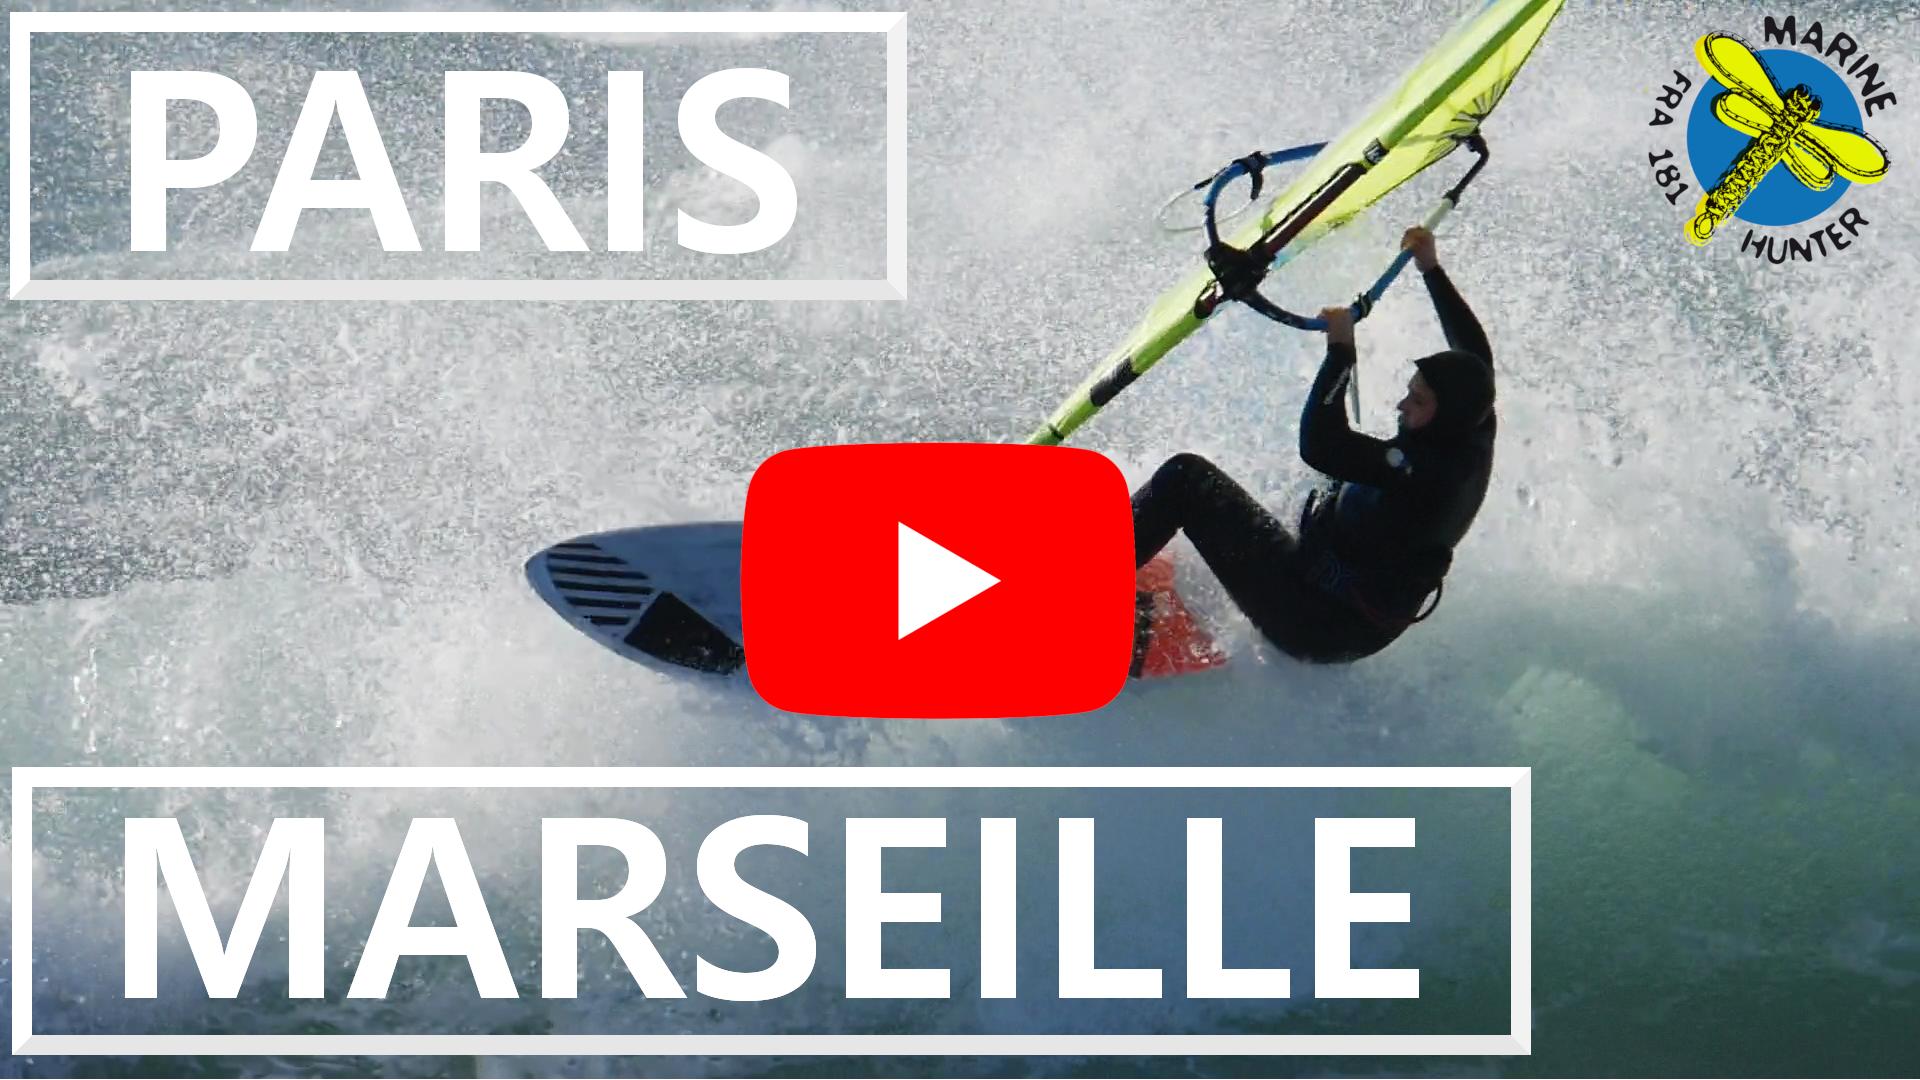 Sur Les Rails Paris Marseille Windsurfeuse In Paris